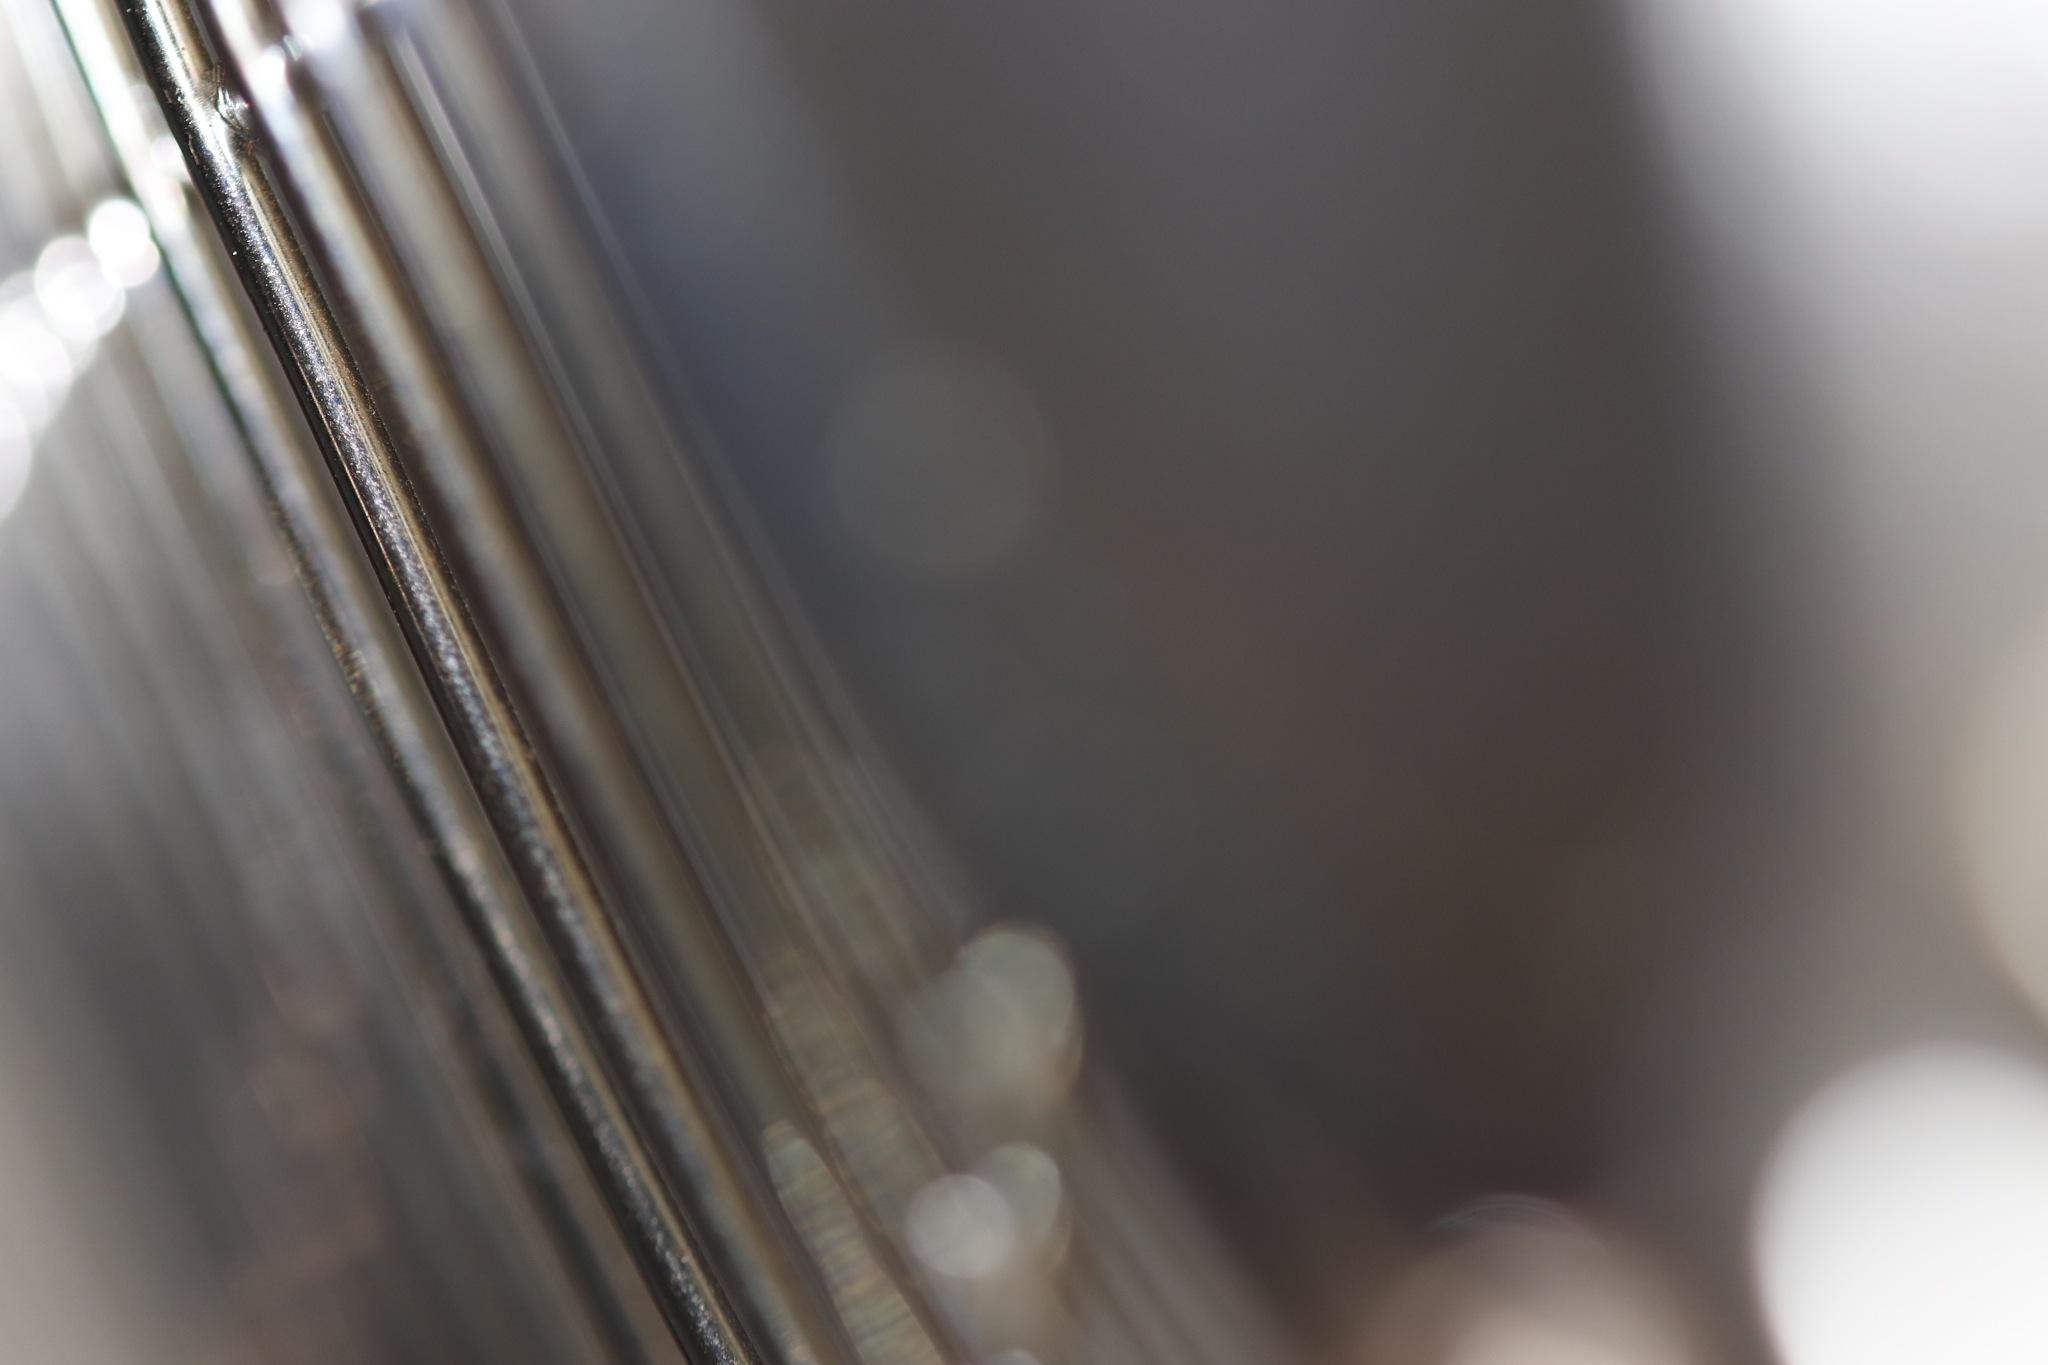 metal strings by carmelmuscat64